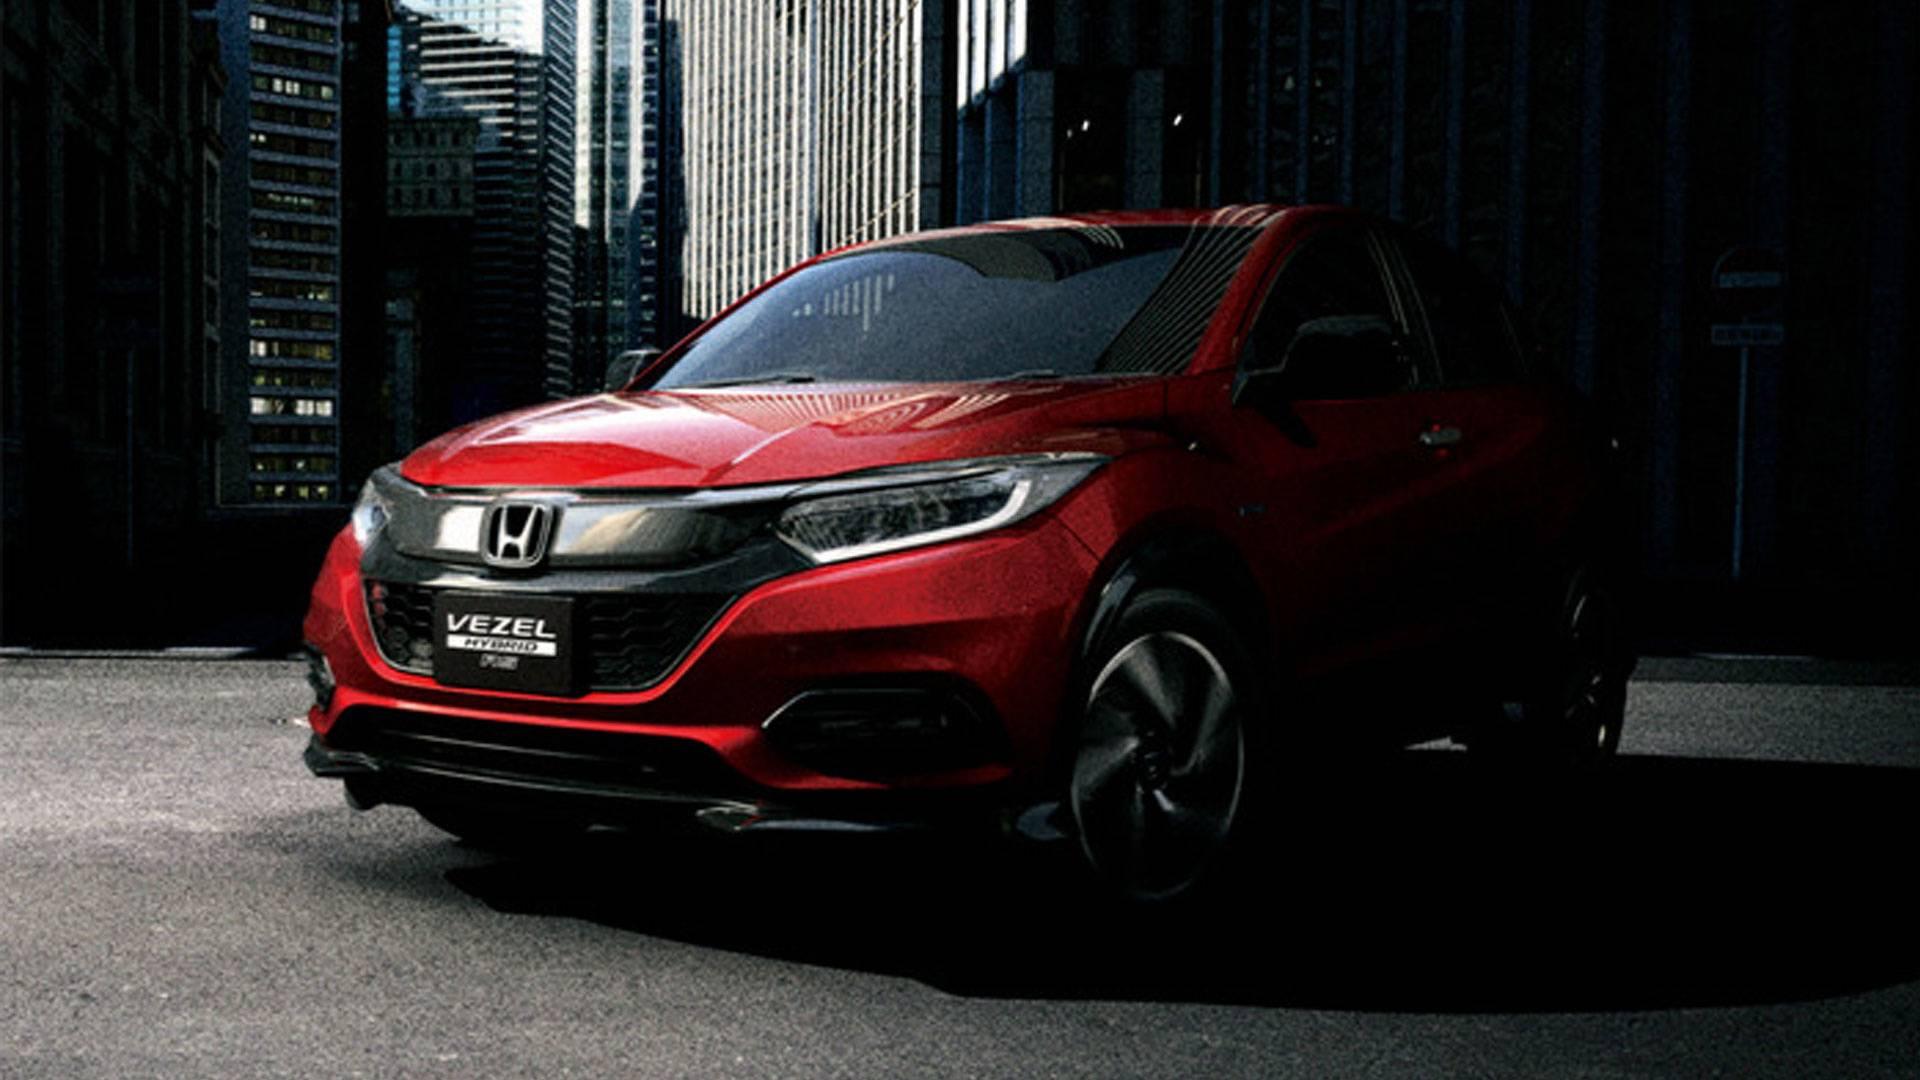 Honda HR-V (Vezel) 2019 - Motor1.com Fotos